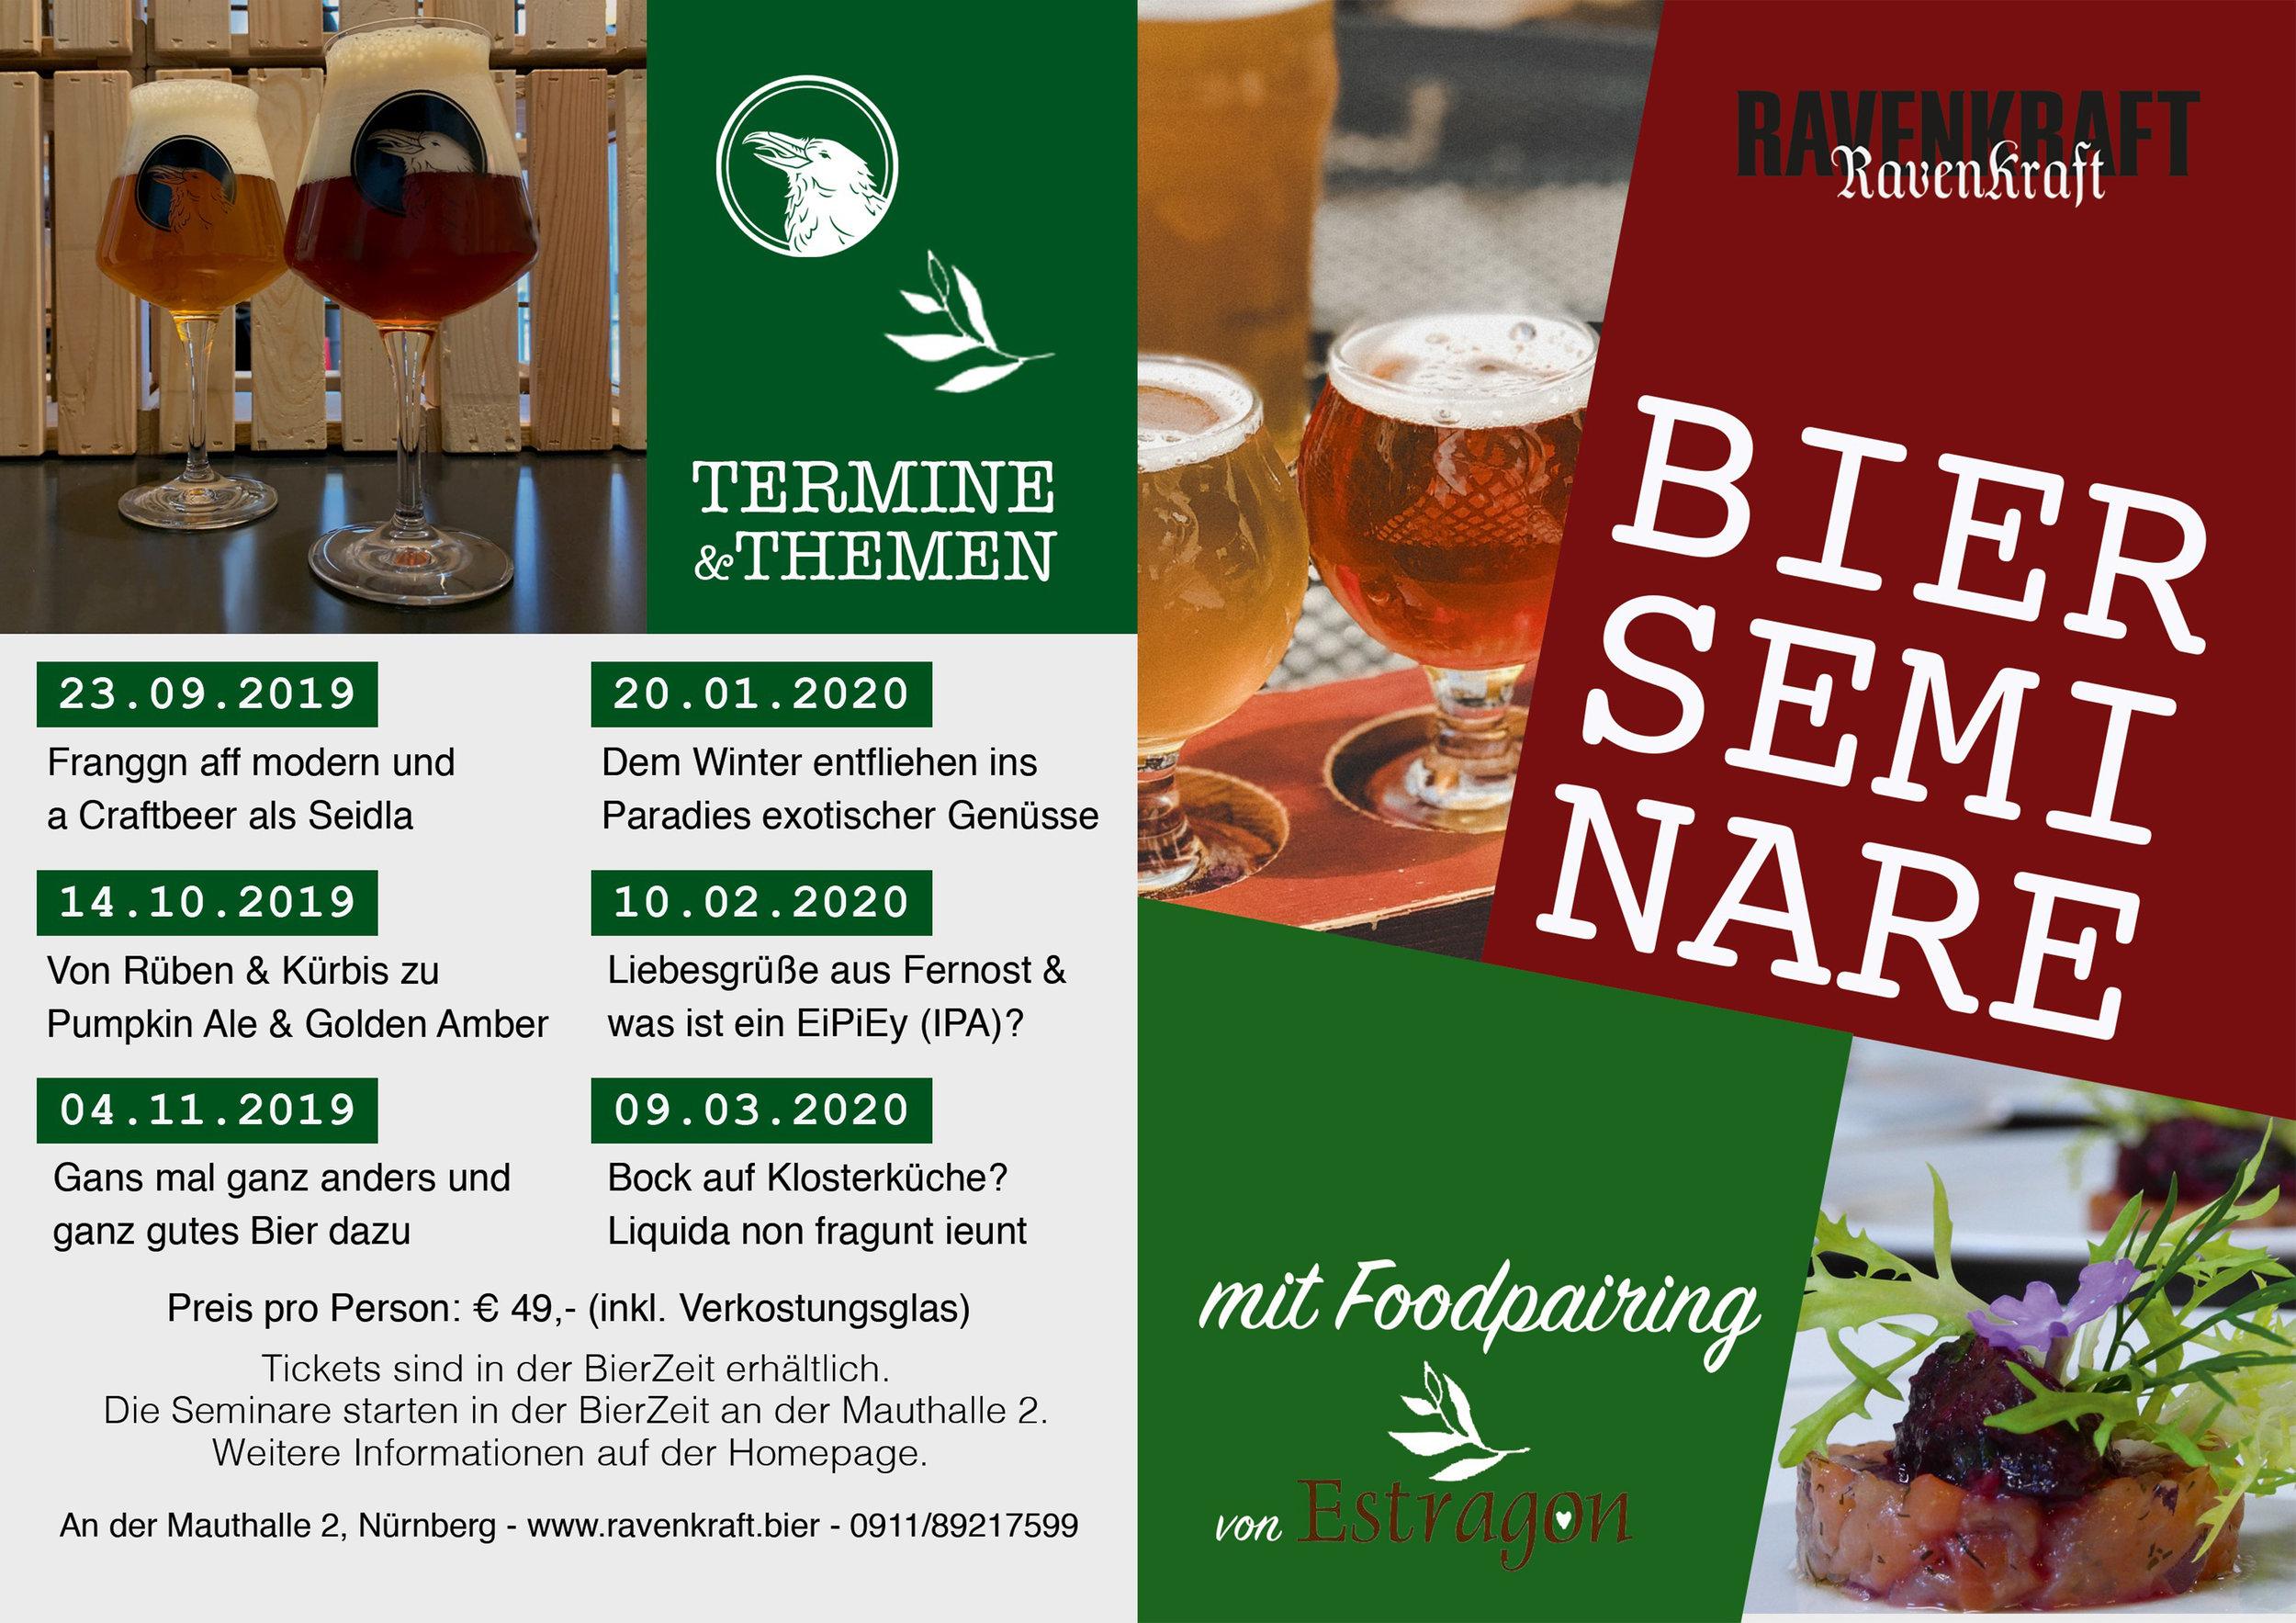 JETZT TERMINE VORMERKEN! - BIER SEMINARE & TASTINGS mit Foodpairing von Estragon.